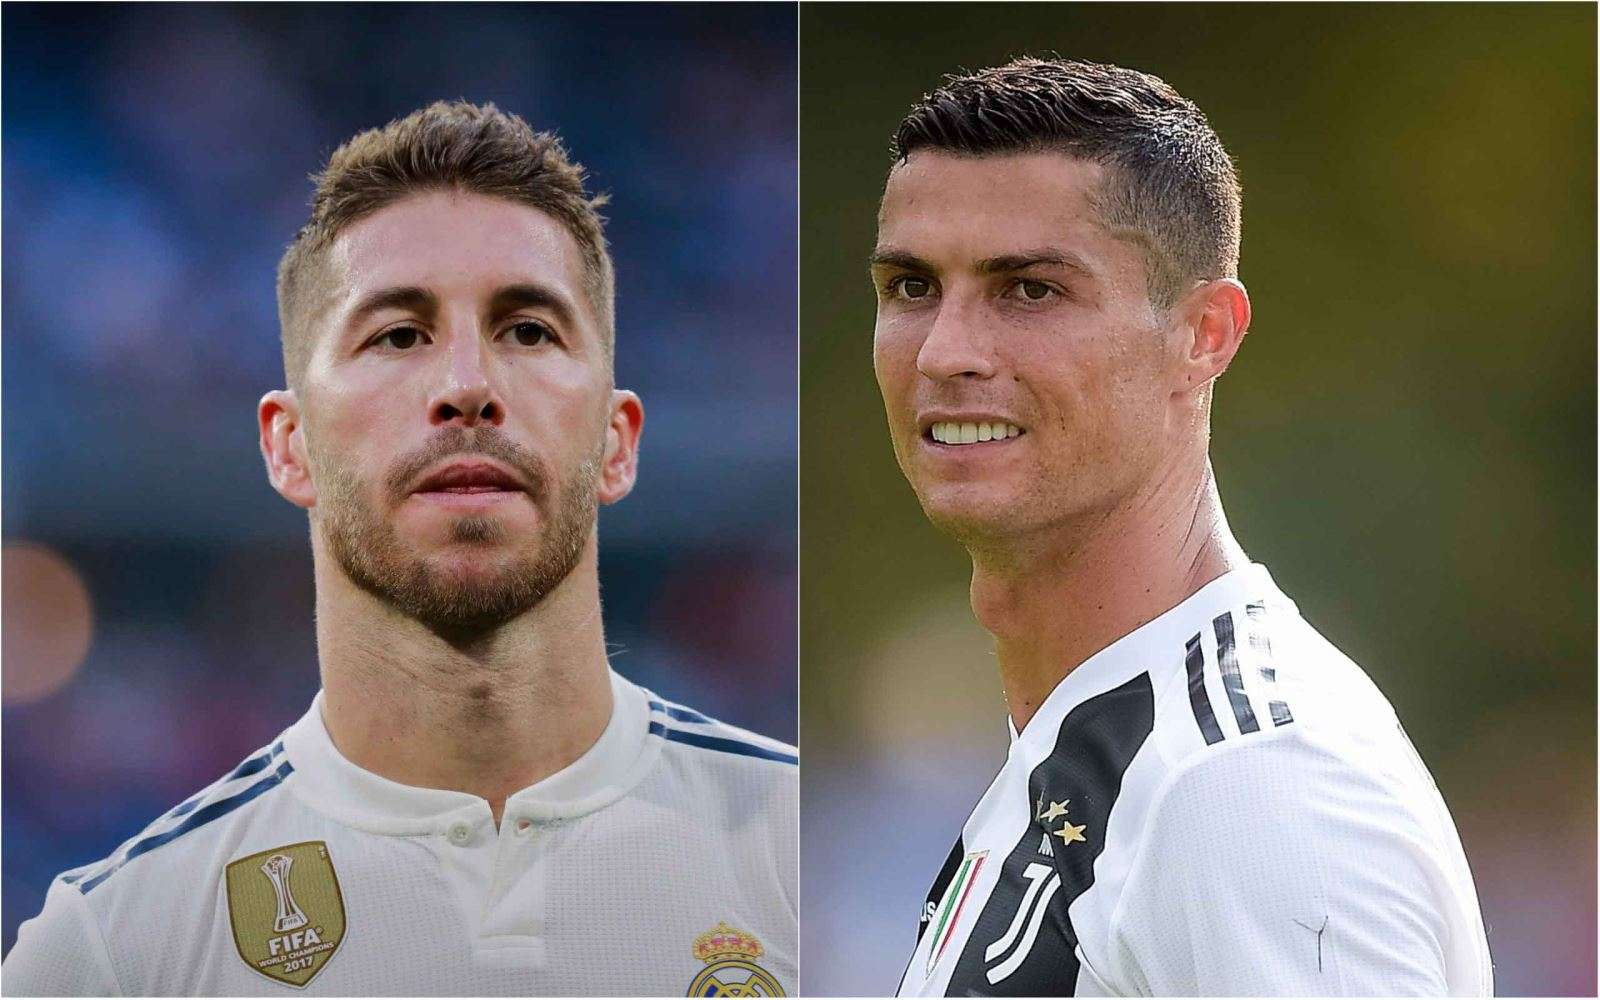 Mối quan hệ của Sergio Ramos và Cristiano Ronaldo đã rạn nứt sau khi ngôi sao người Bồ Đào Nha chuyển sang Juventus